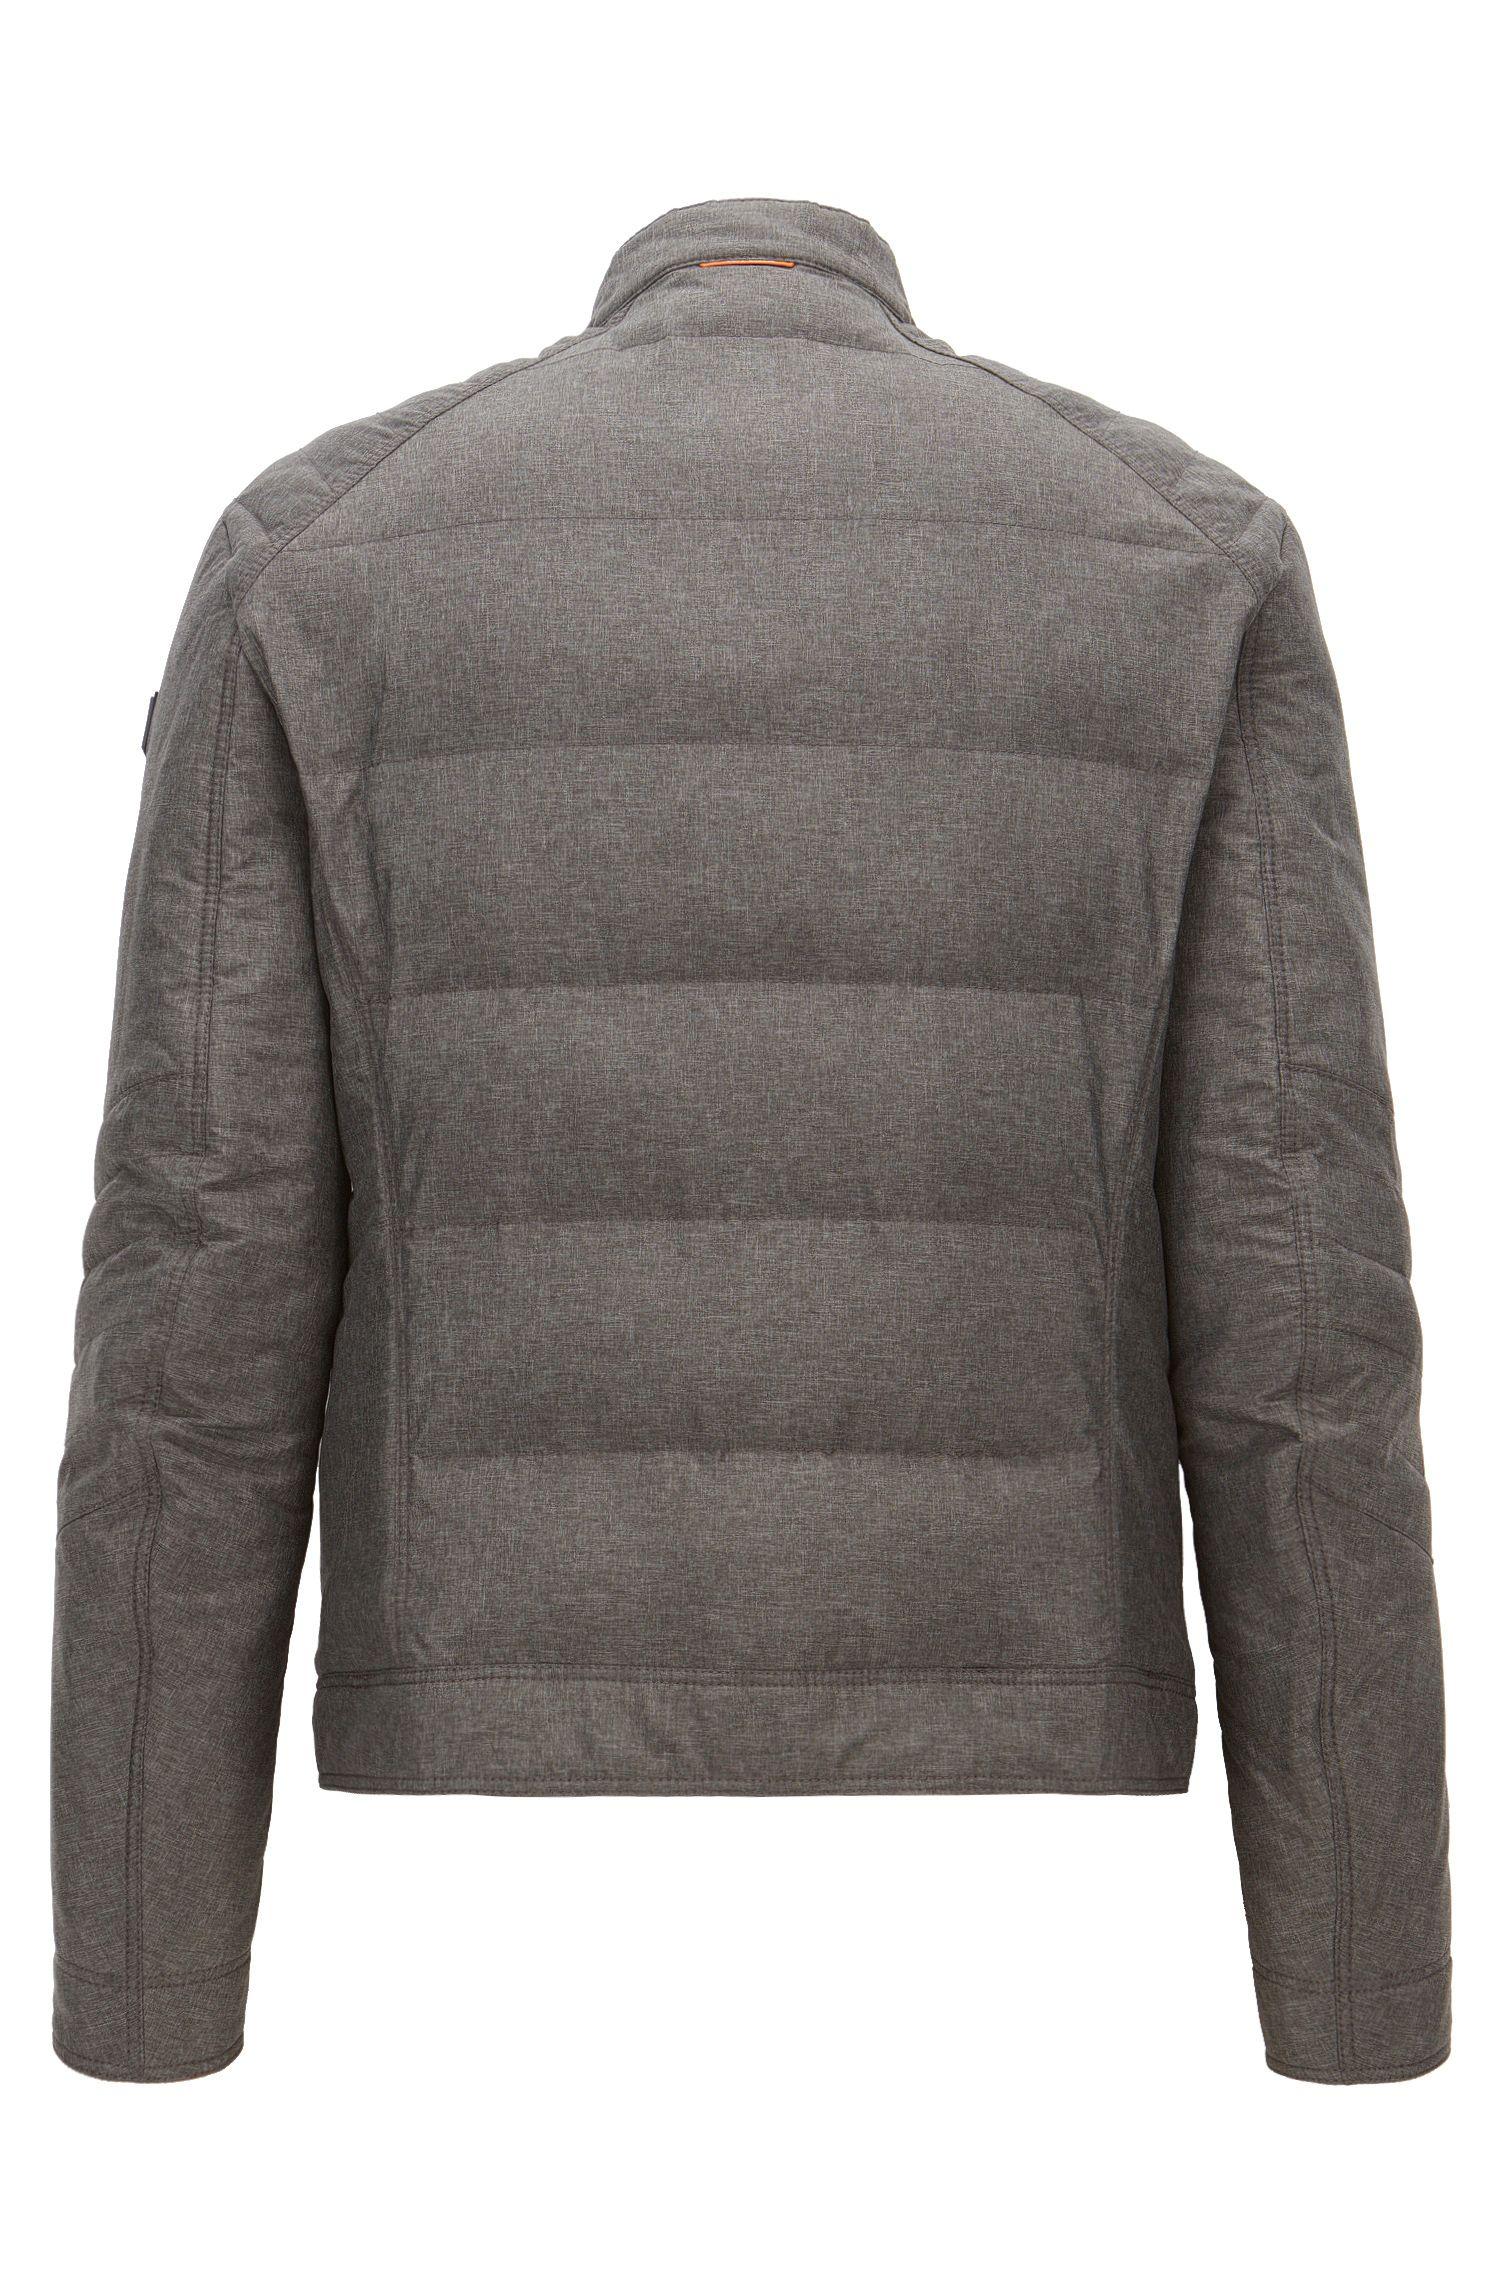 Stretch Quilted Biker Jacket | Oennis